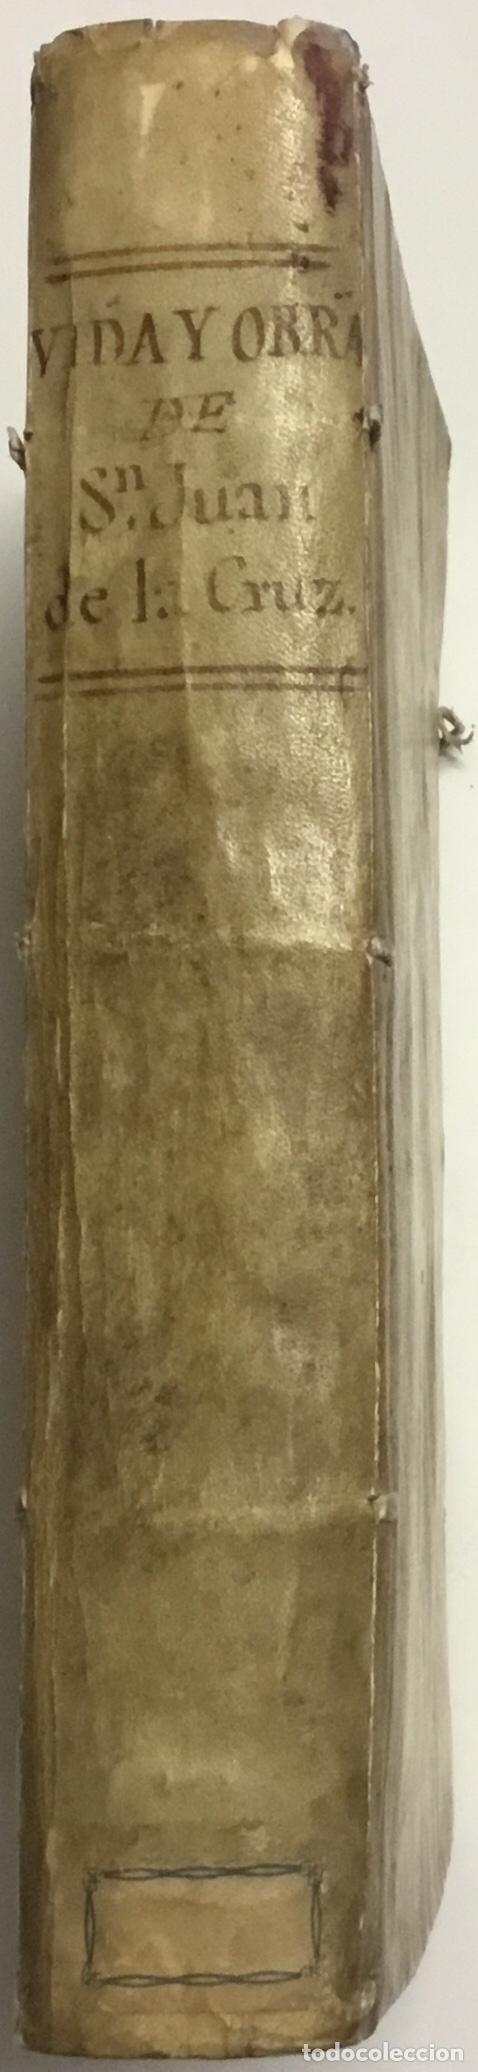 Libros antiguos: OBRAS ESPIRITUALES, QUE ENCAMINAN A UNA ALMA, a la mas perfecta union con Dios, en transformacion de - Foto 14 - 109021834